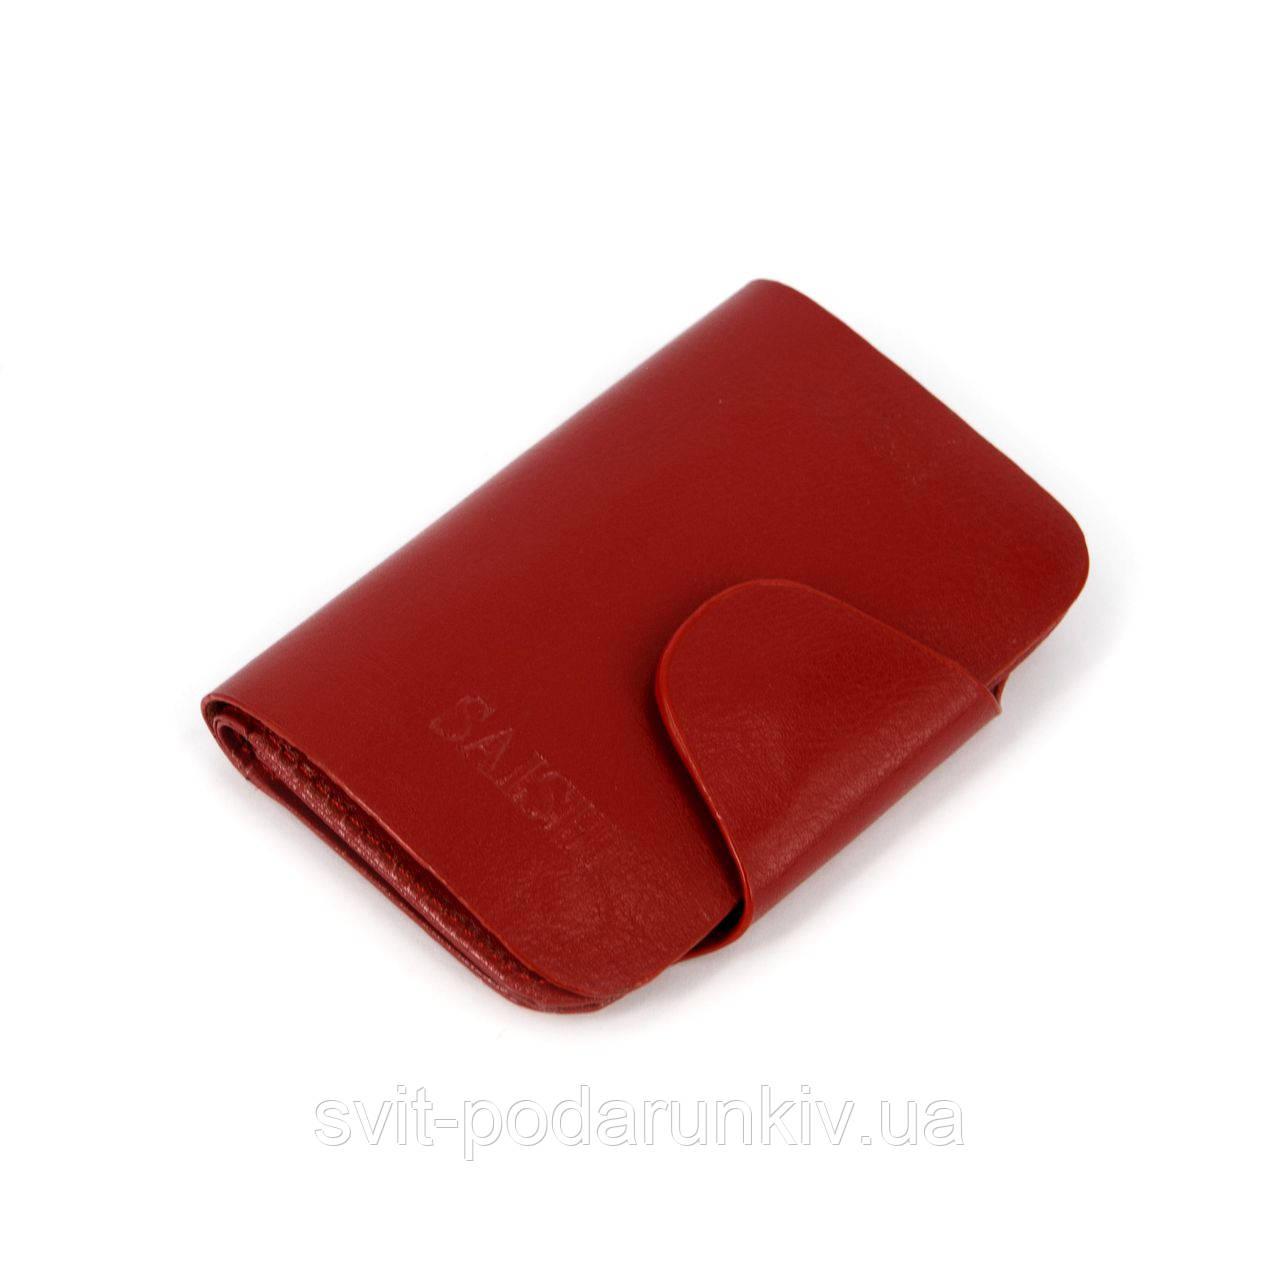 Ключница карманная кожзаменитель №3 красная